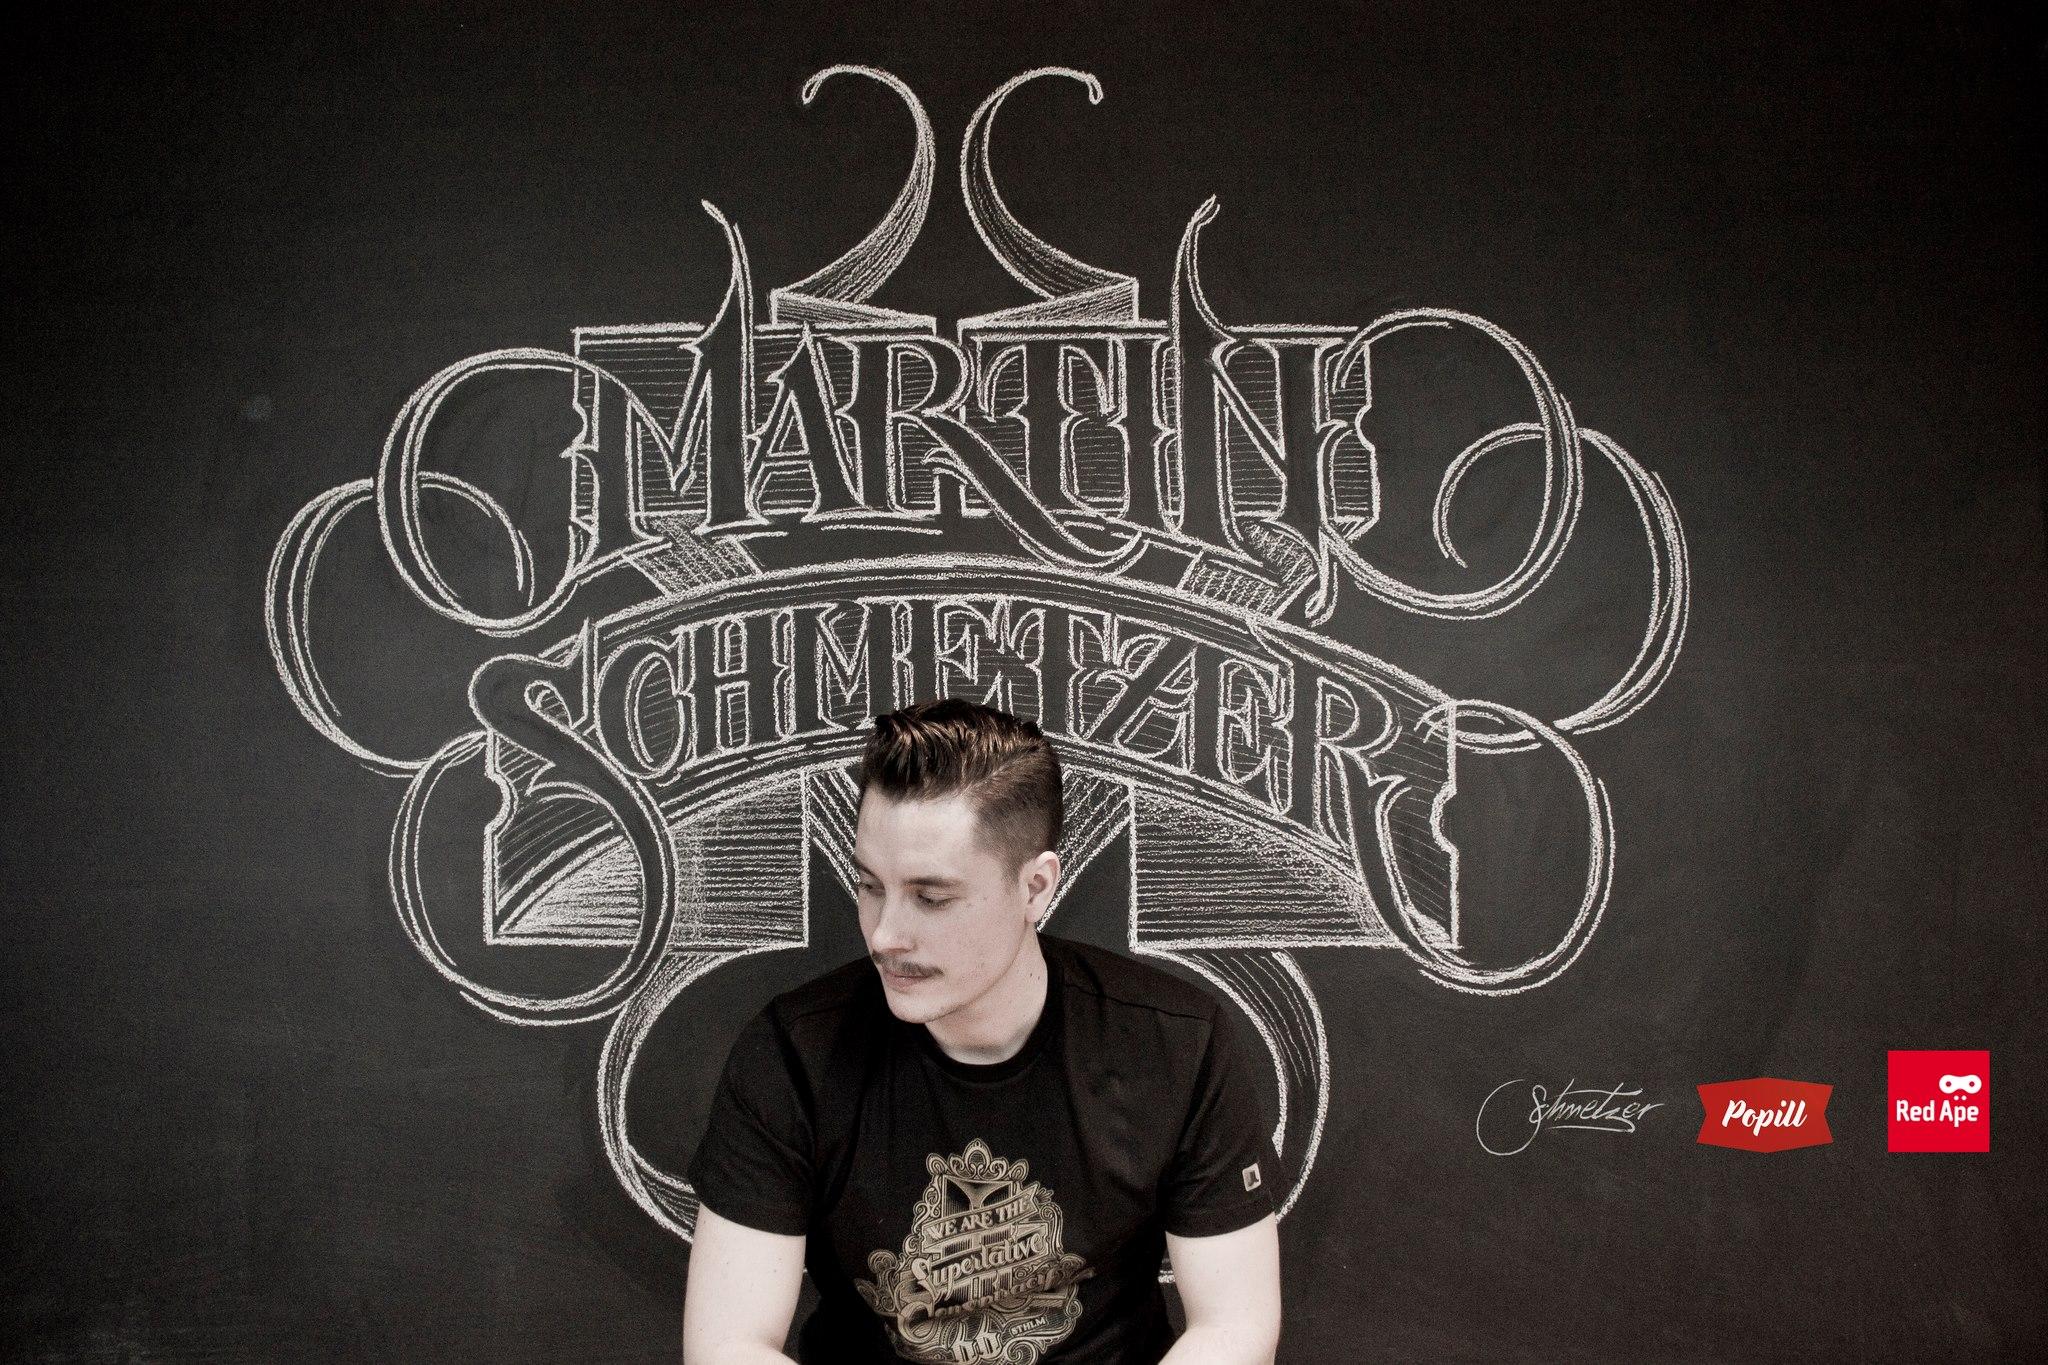 I Recently Interviewed Martin Schmetzer